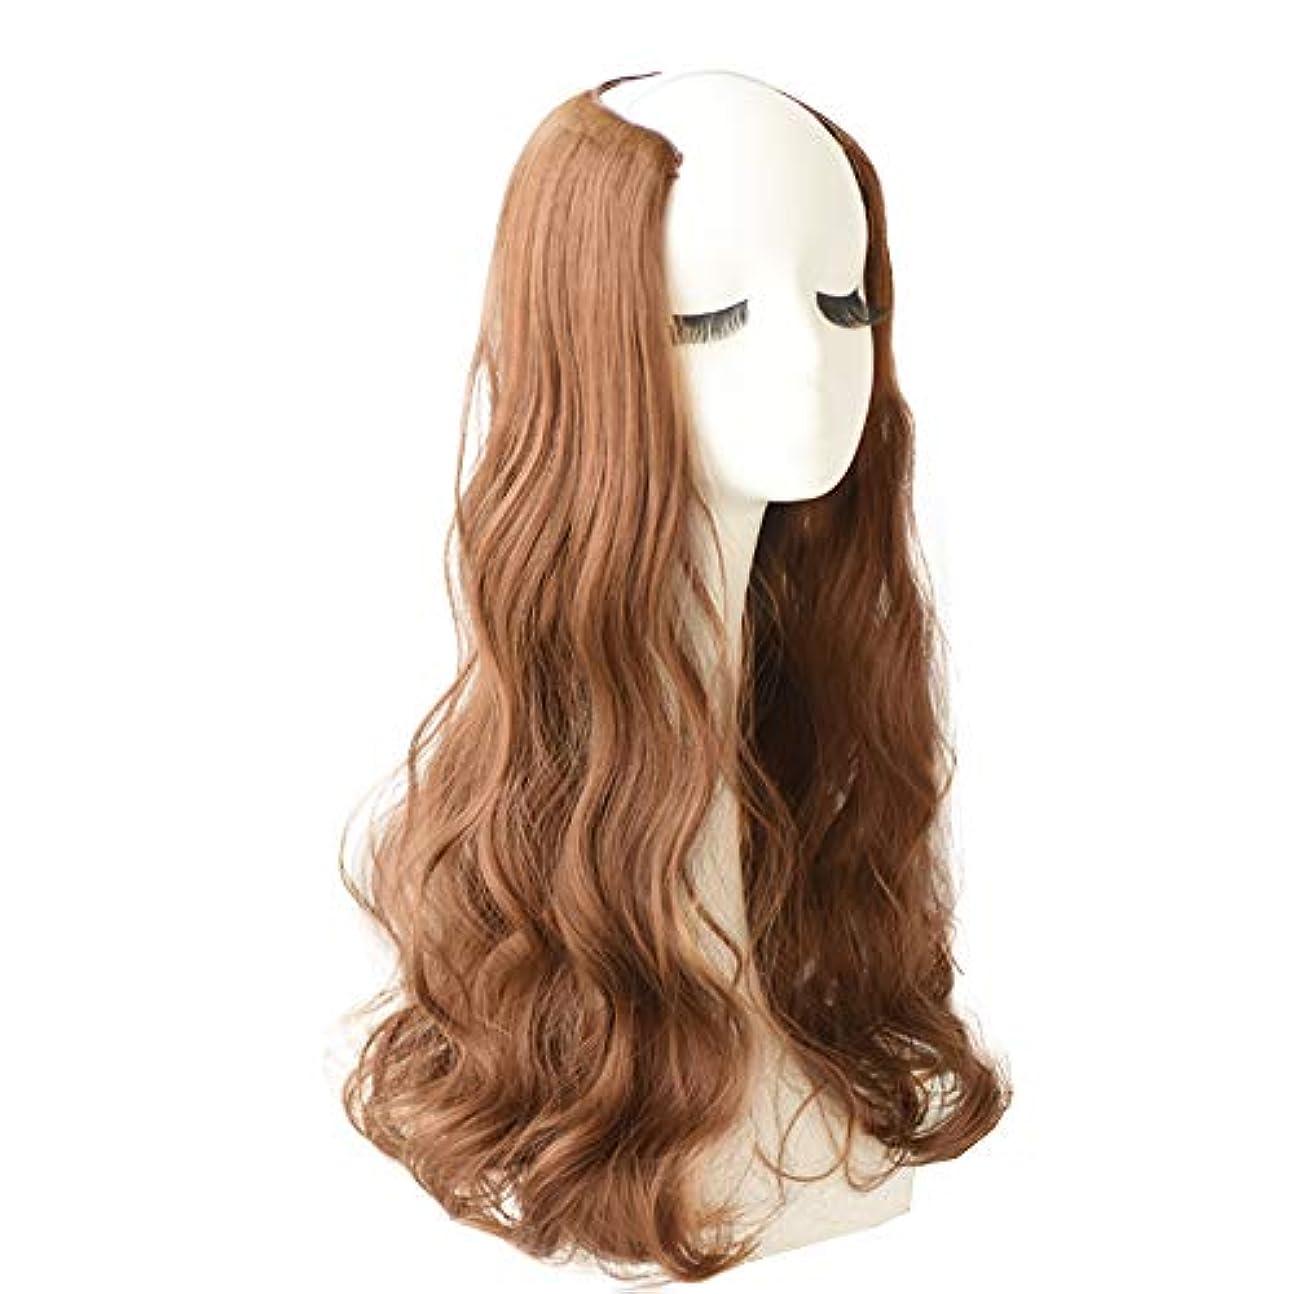 普通の代表団採用するフルヘッドカーリーウェーブインエクステンションヘアピース女性用新Vタイプヘアエクステンション小さいサイズと、頭皮の通気性が強い